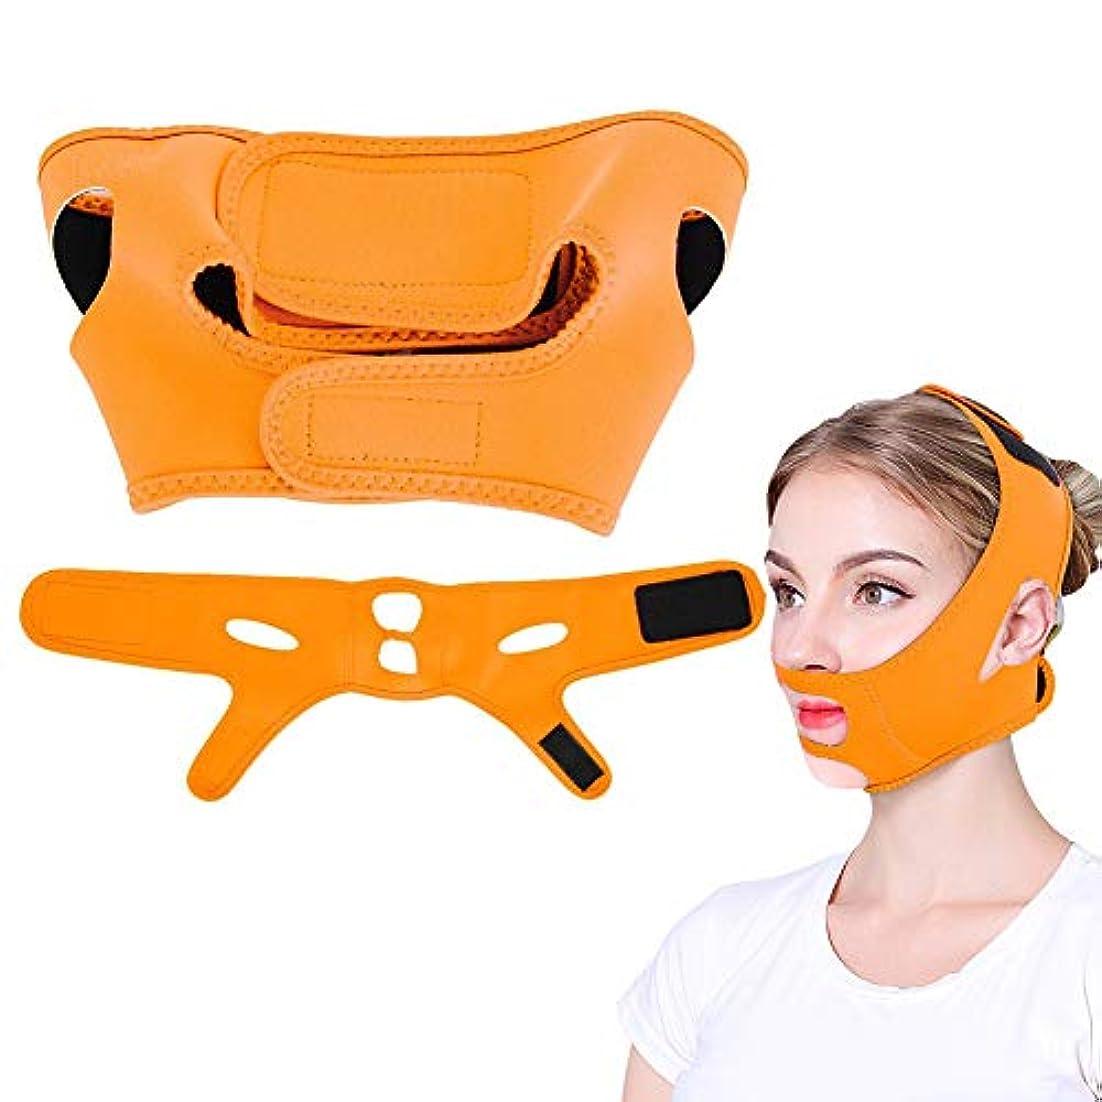 有料シミュレートする行動フェイススリミング包帯小 顔 美顔 矯正、顎リフト フェイススリミングマスク (オレンジ)